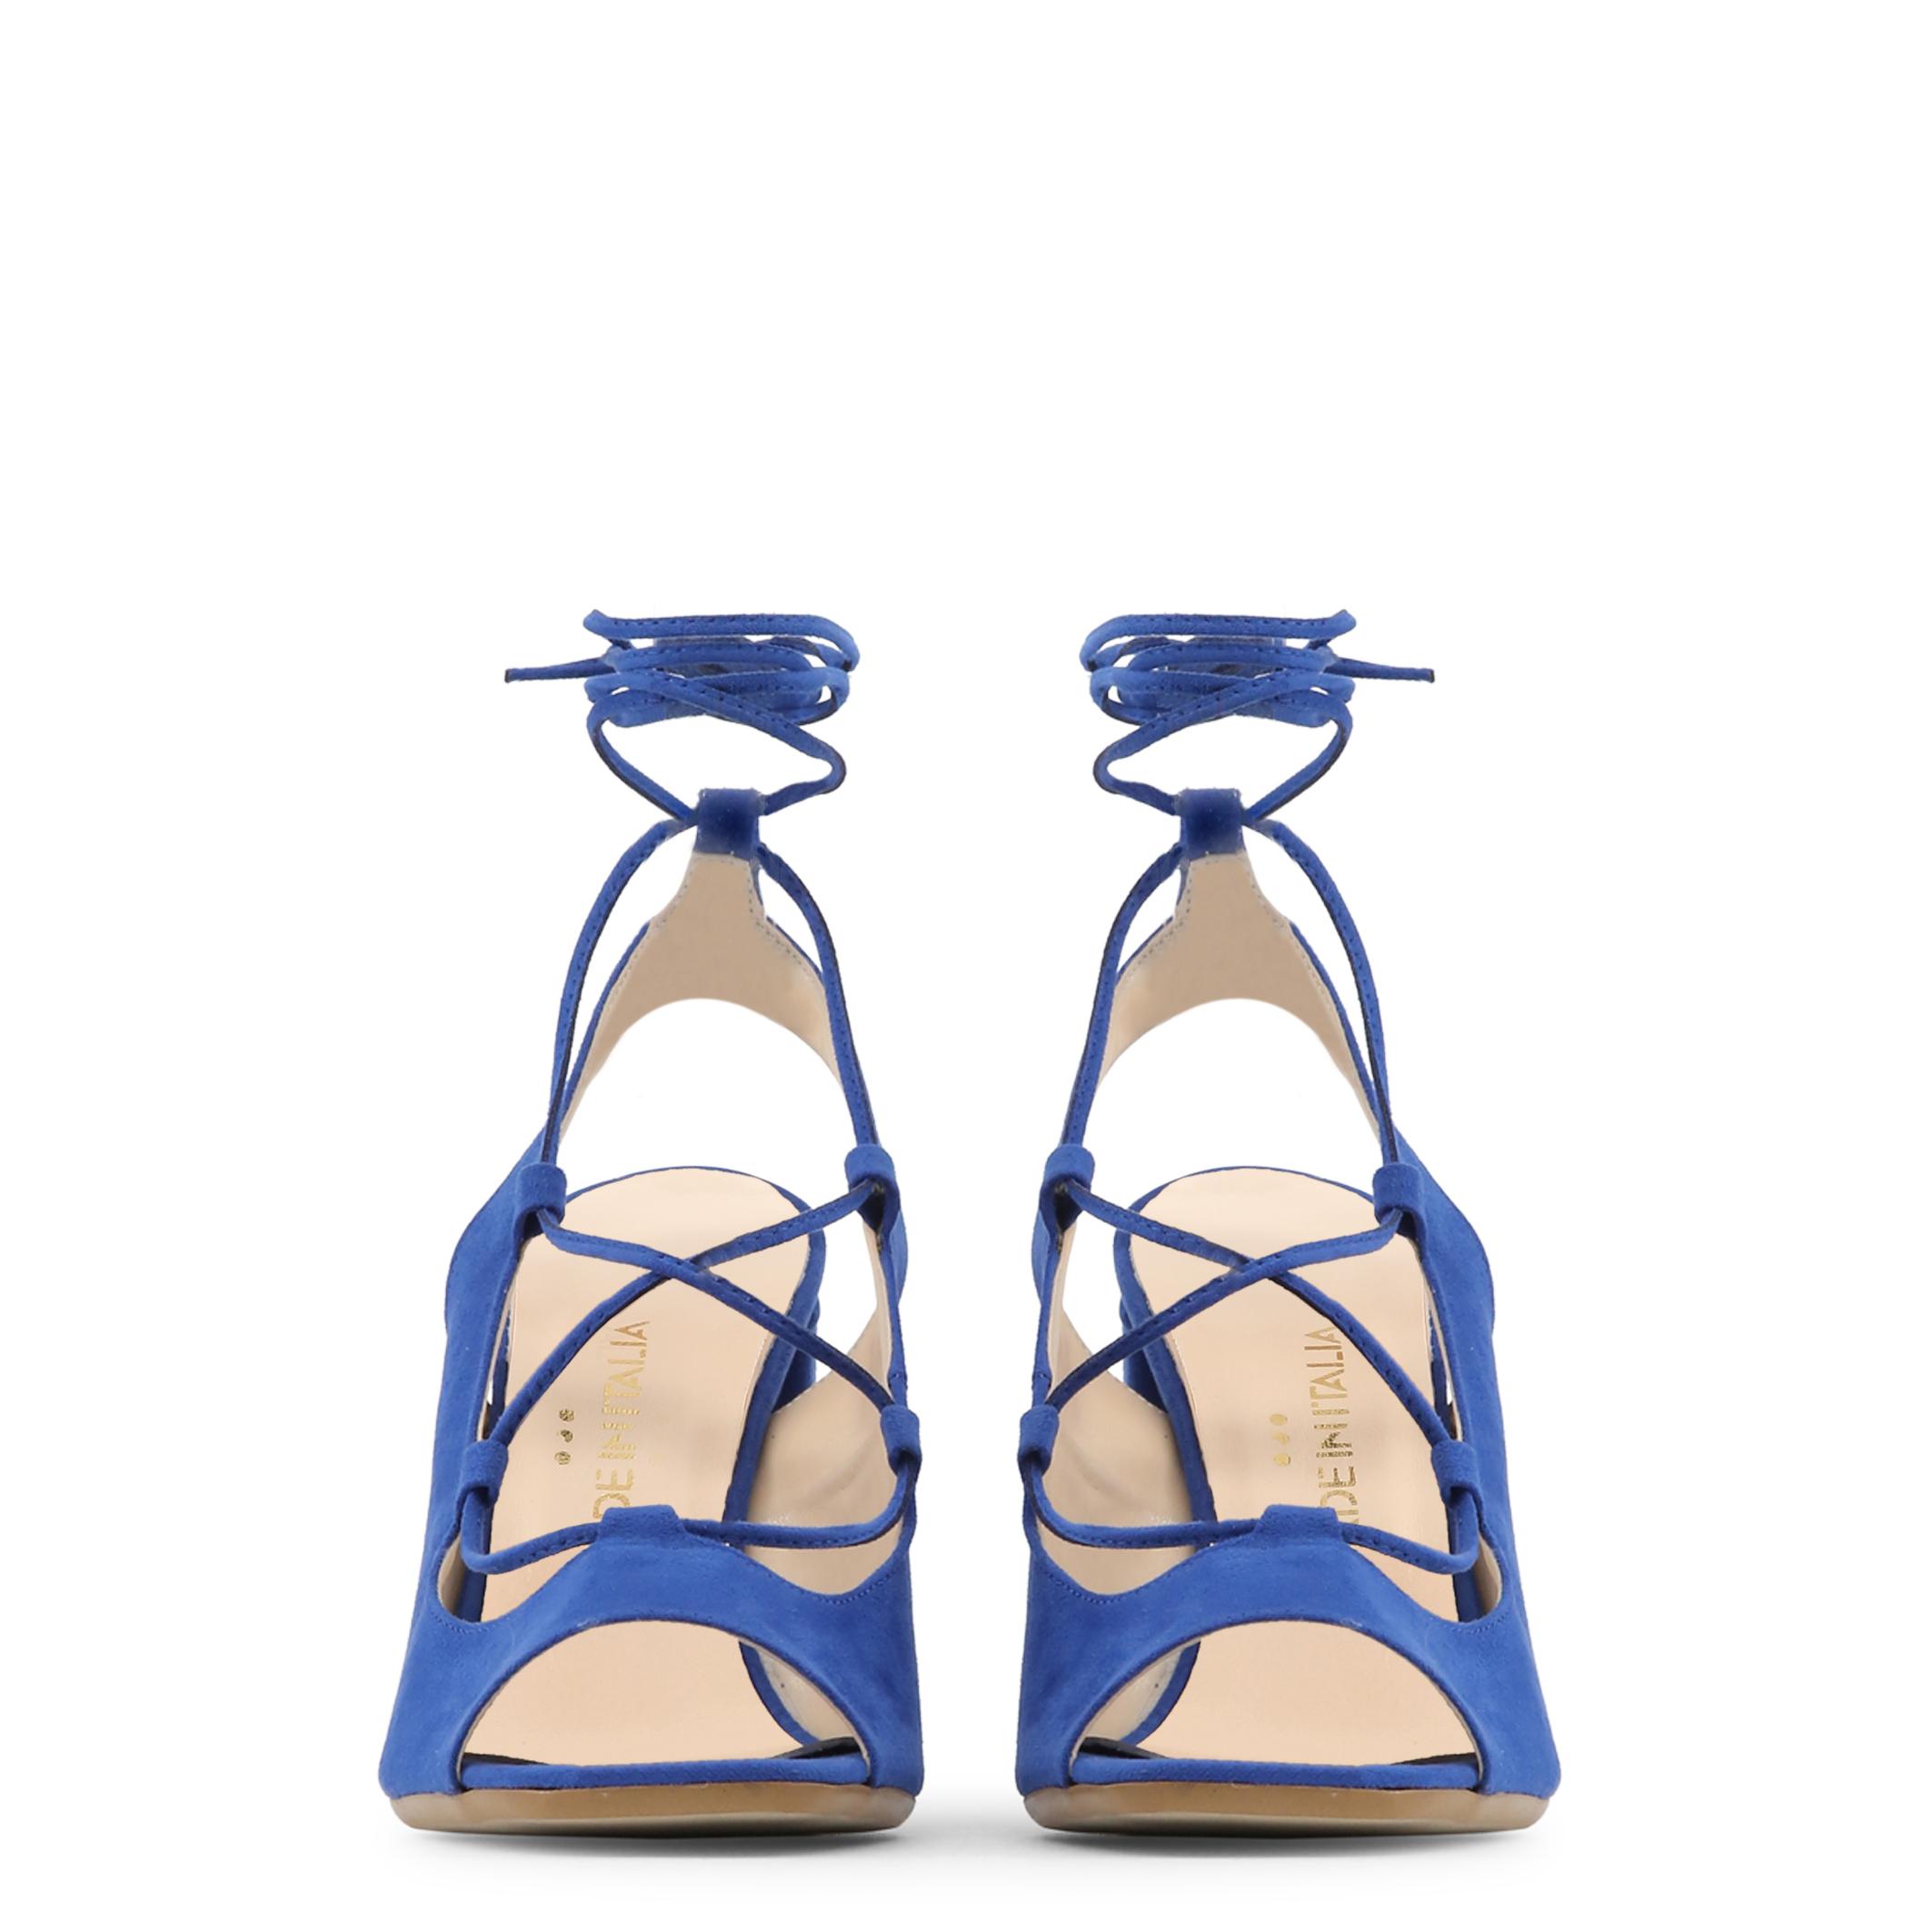 LINDA-BLUETTE-Made-in-Italia Indexbild 3